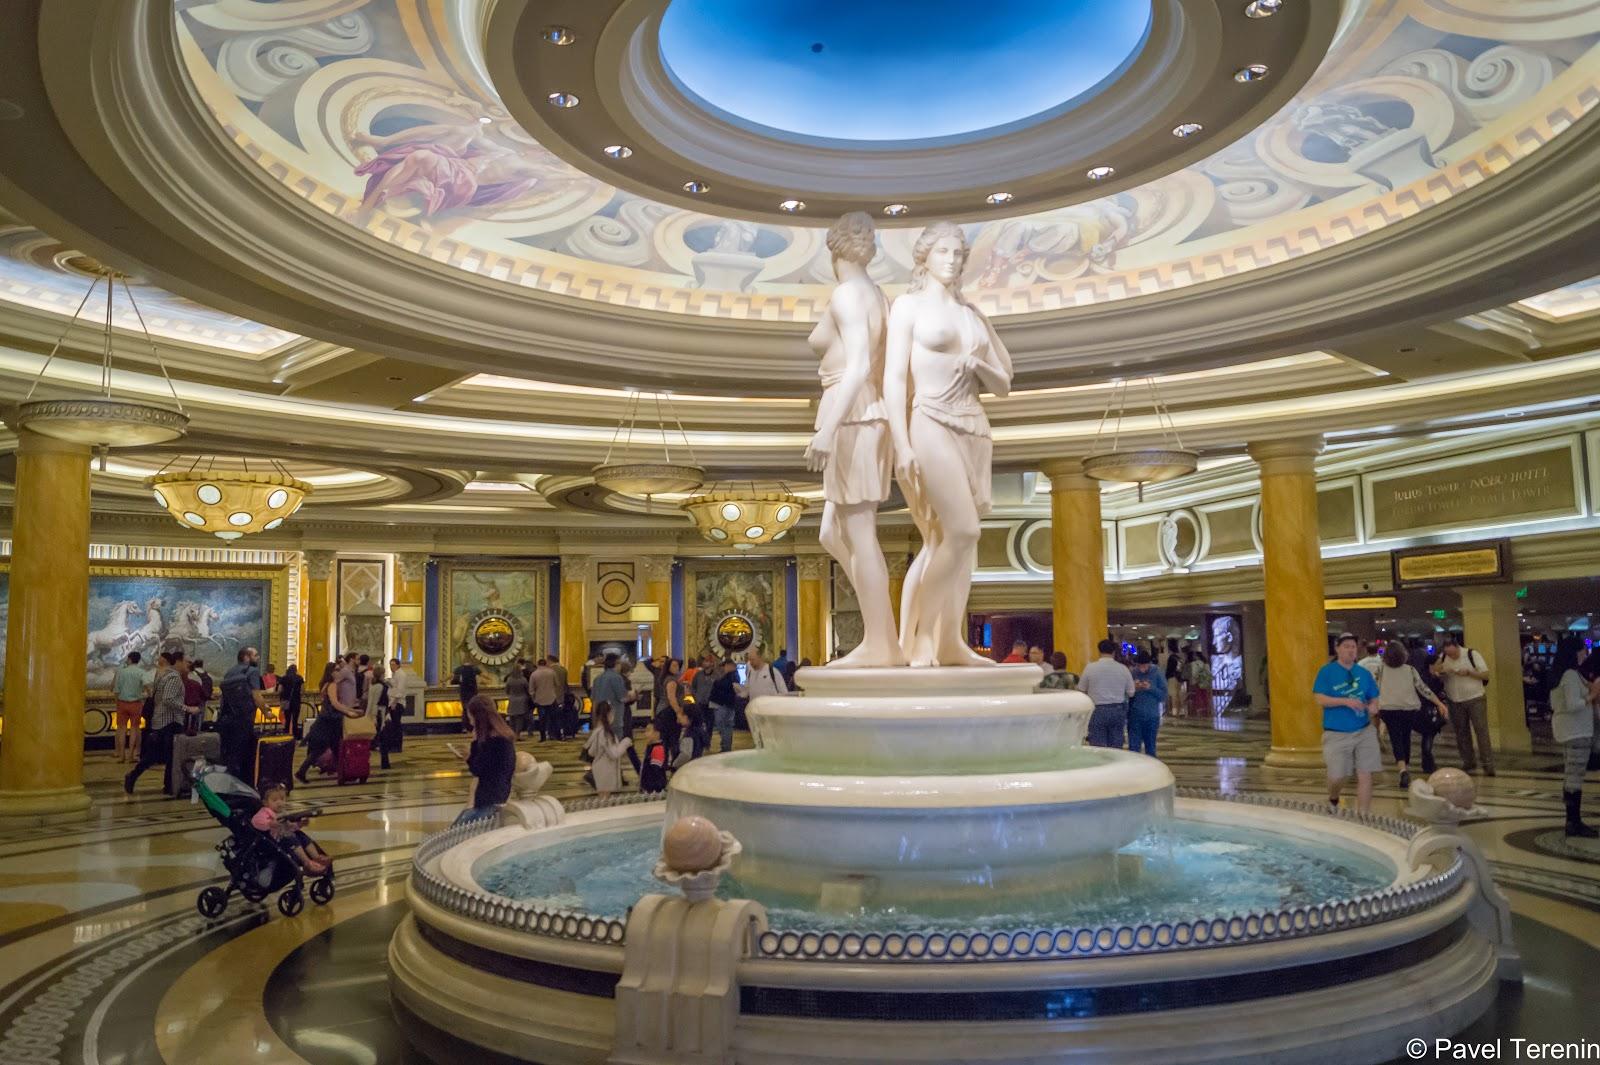 Снаружи отеля - Aмерика, а внутри Рим в самом пафосно-роскошном своем проявлении.